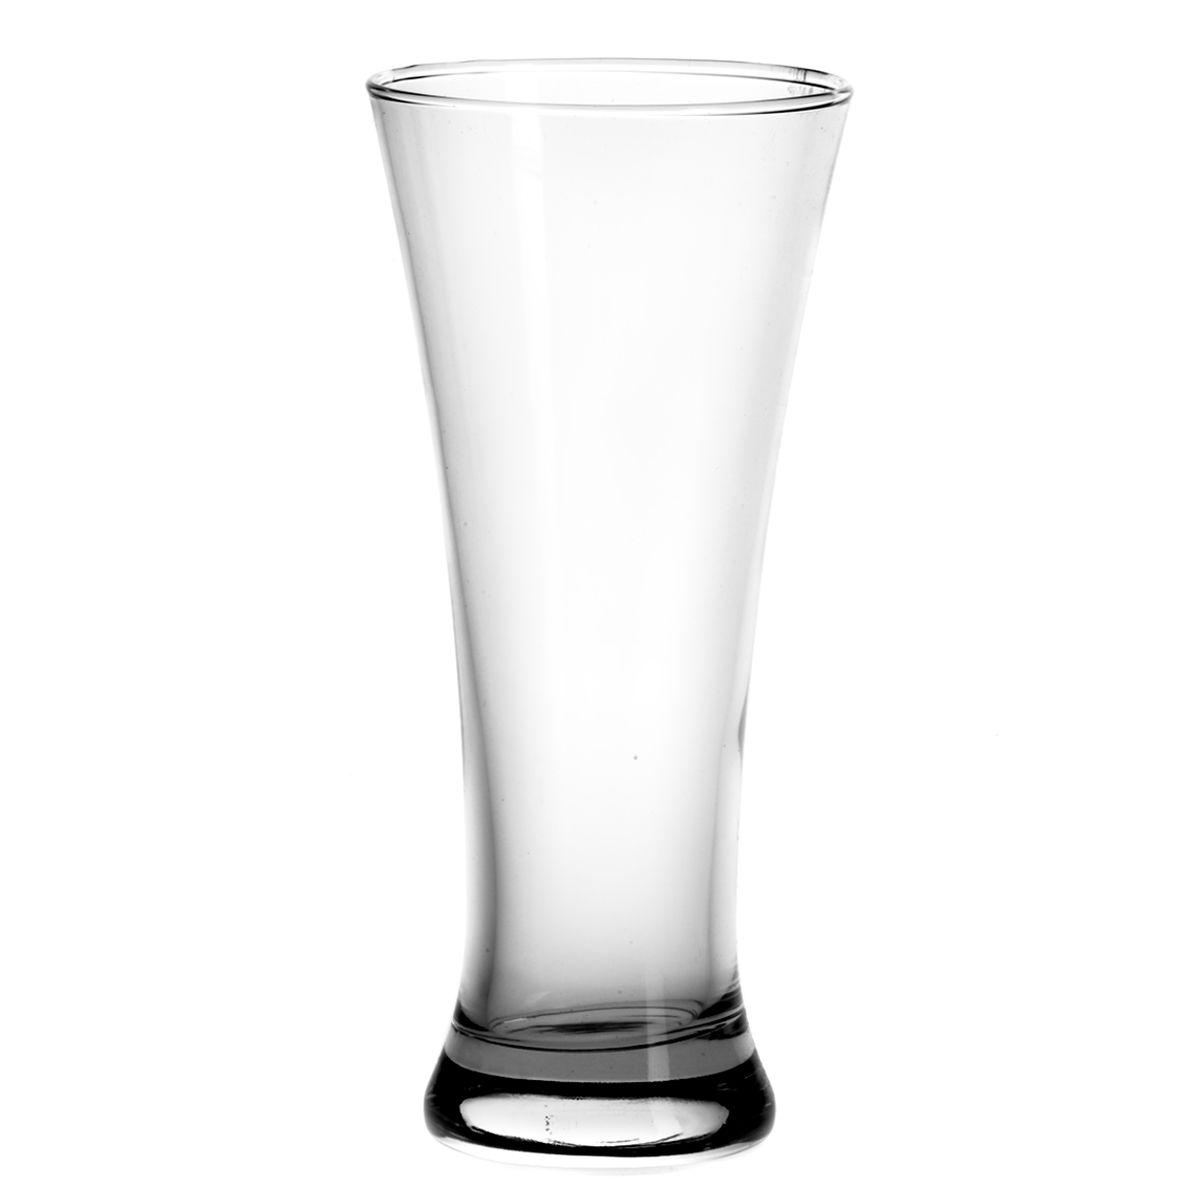 Набор бокалов для пива Pasabahce Pub, 500 мл, 3 штVT-1520(SR)Набор Pasabahce Pub состоит из трех бокалов, выполненных из прочного натрий-кальций-силикатного стекла конусообразной формы. Бокалы прекрасно подходят для подачи пива. Функциональность, практичность и стильный дизайн сделают набор прекрасным дополнением к вашей коллекции посуды. Можно мыть в посудомоечной машине и использовать в микроволновой печи. Диаметр бокала (по верхнему краю): 9,5 см.Высота бокала: 21,5 см.